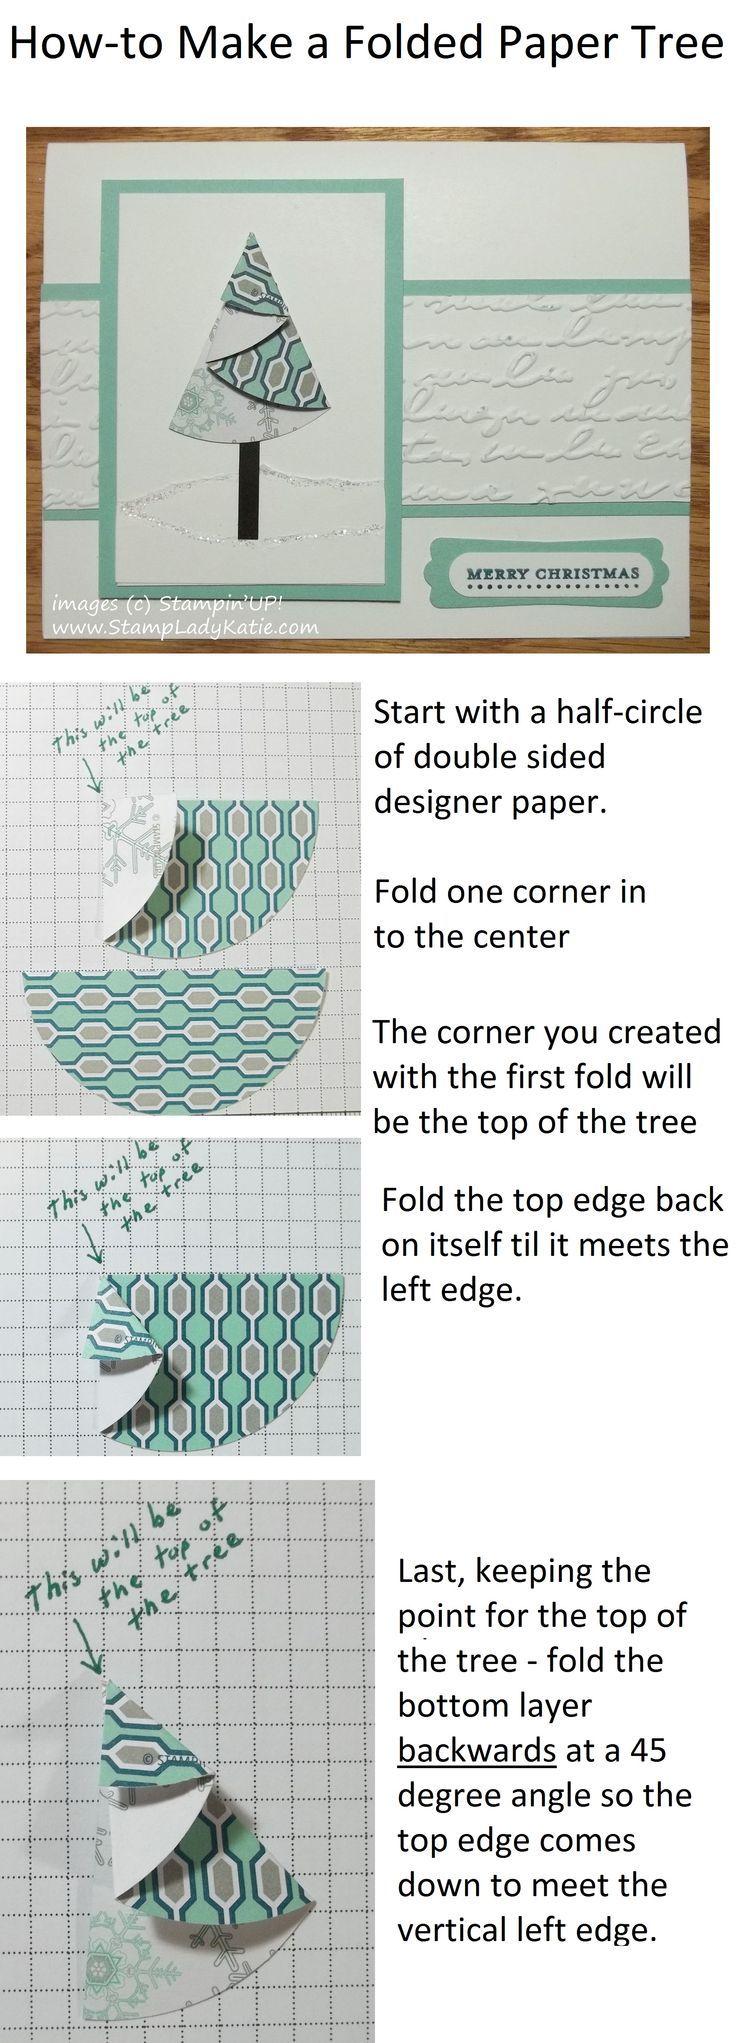 Genius cakes - Il potere delle idee nel cake design: alberi natalizi da realizzare in wafer paper o fondente